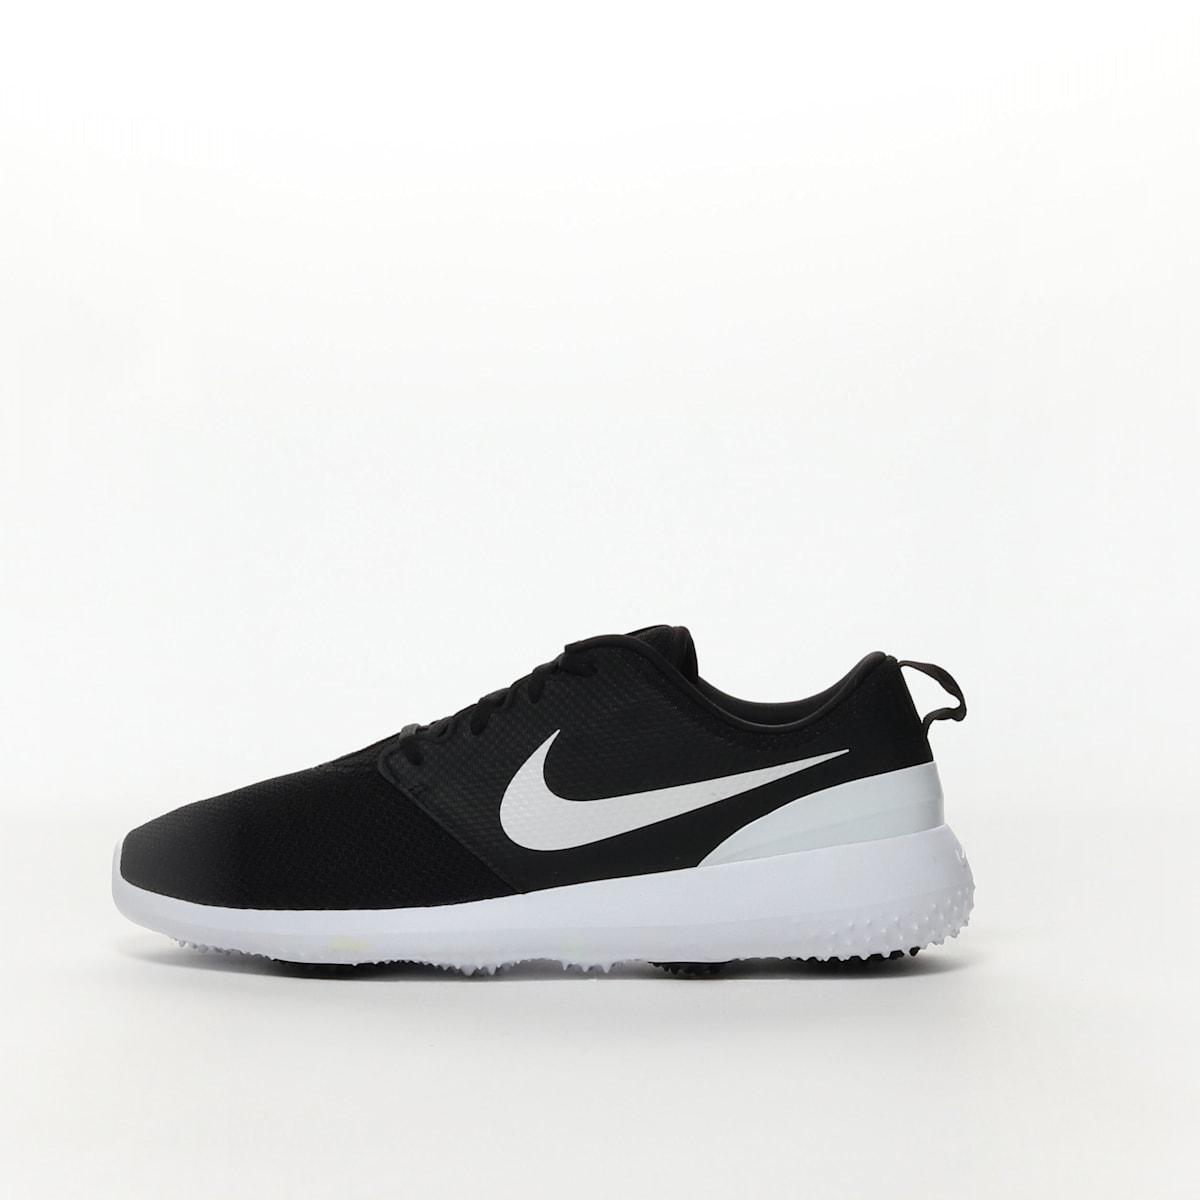 wholesale dealer 481ce 028c8 Nike Roshe G Men's Golf Shoe - BLACK/WHITE – Resku